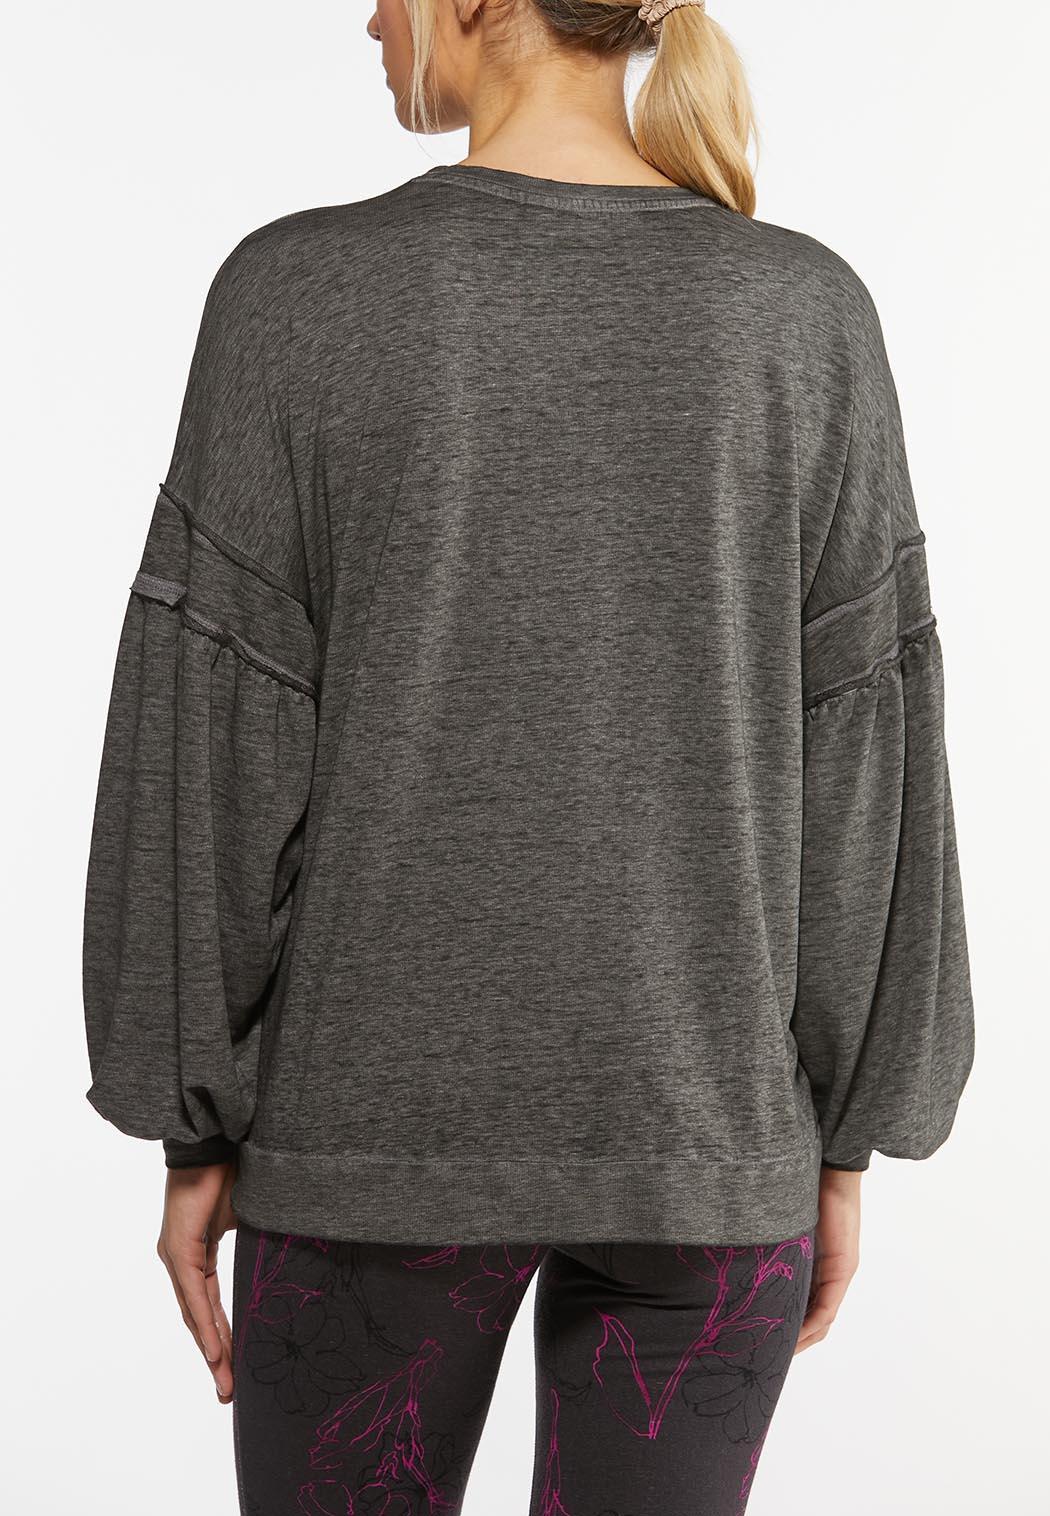 Balloon Sleeve Gray Wash Top (Item #44462214)